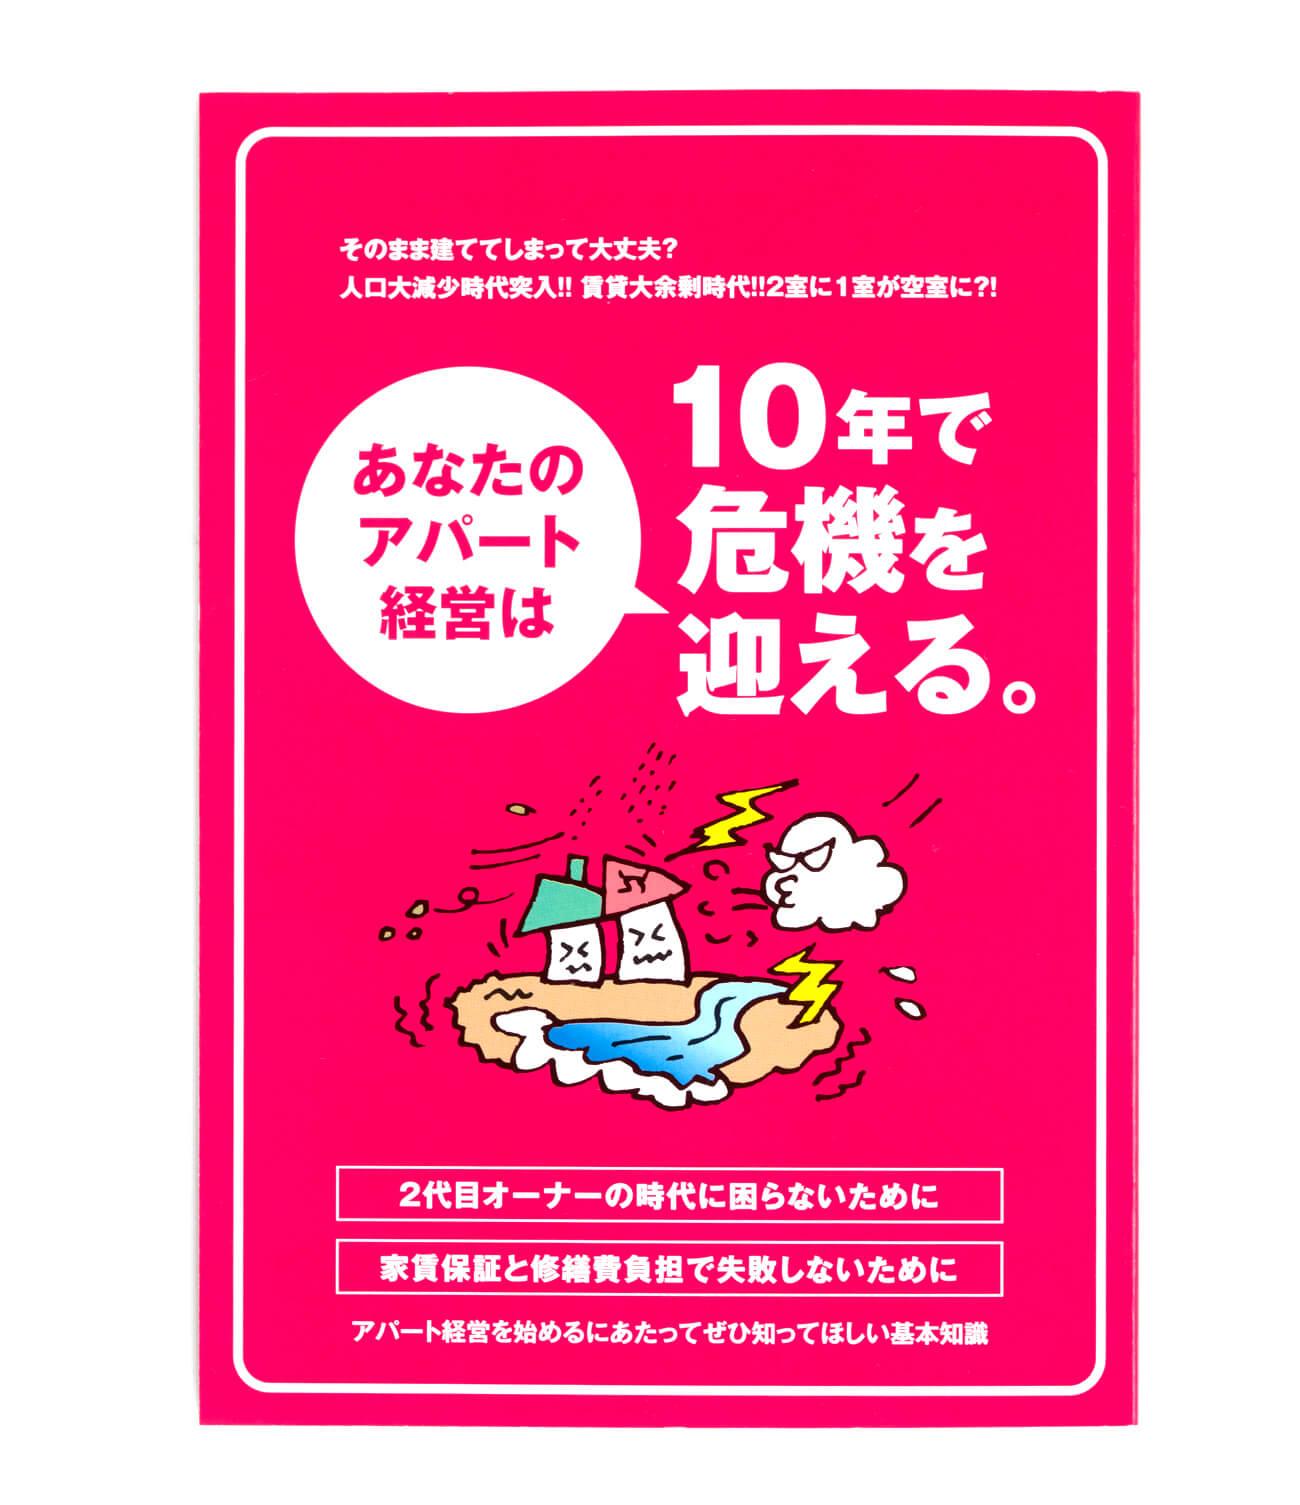 姫路市 坂上興産株式会社 小冊子制作1